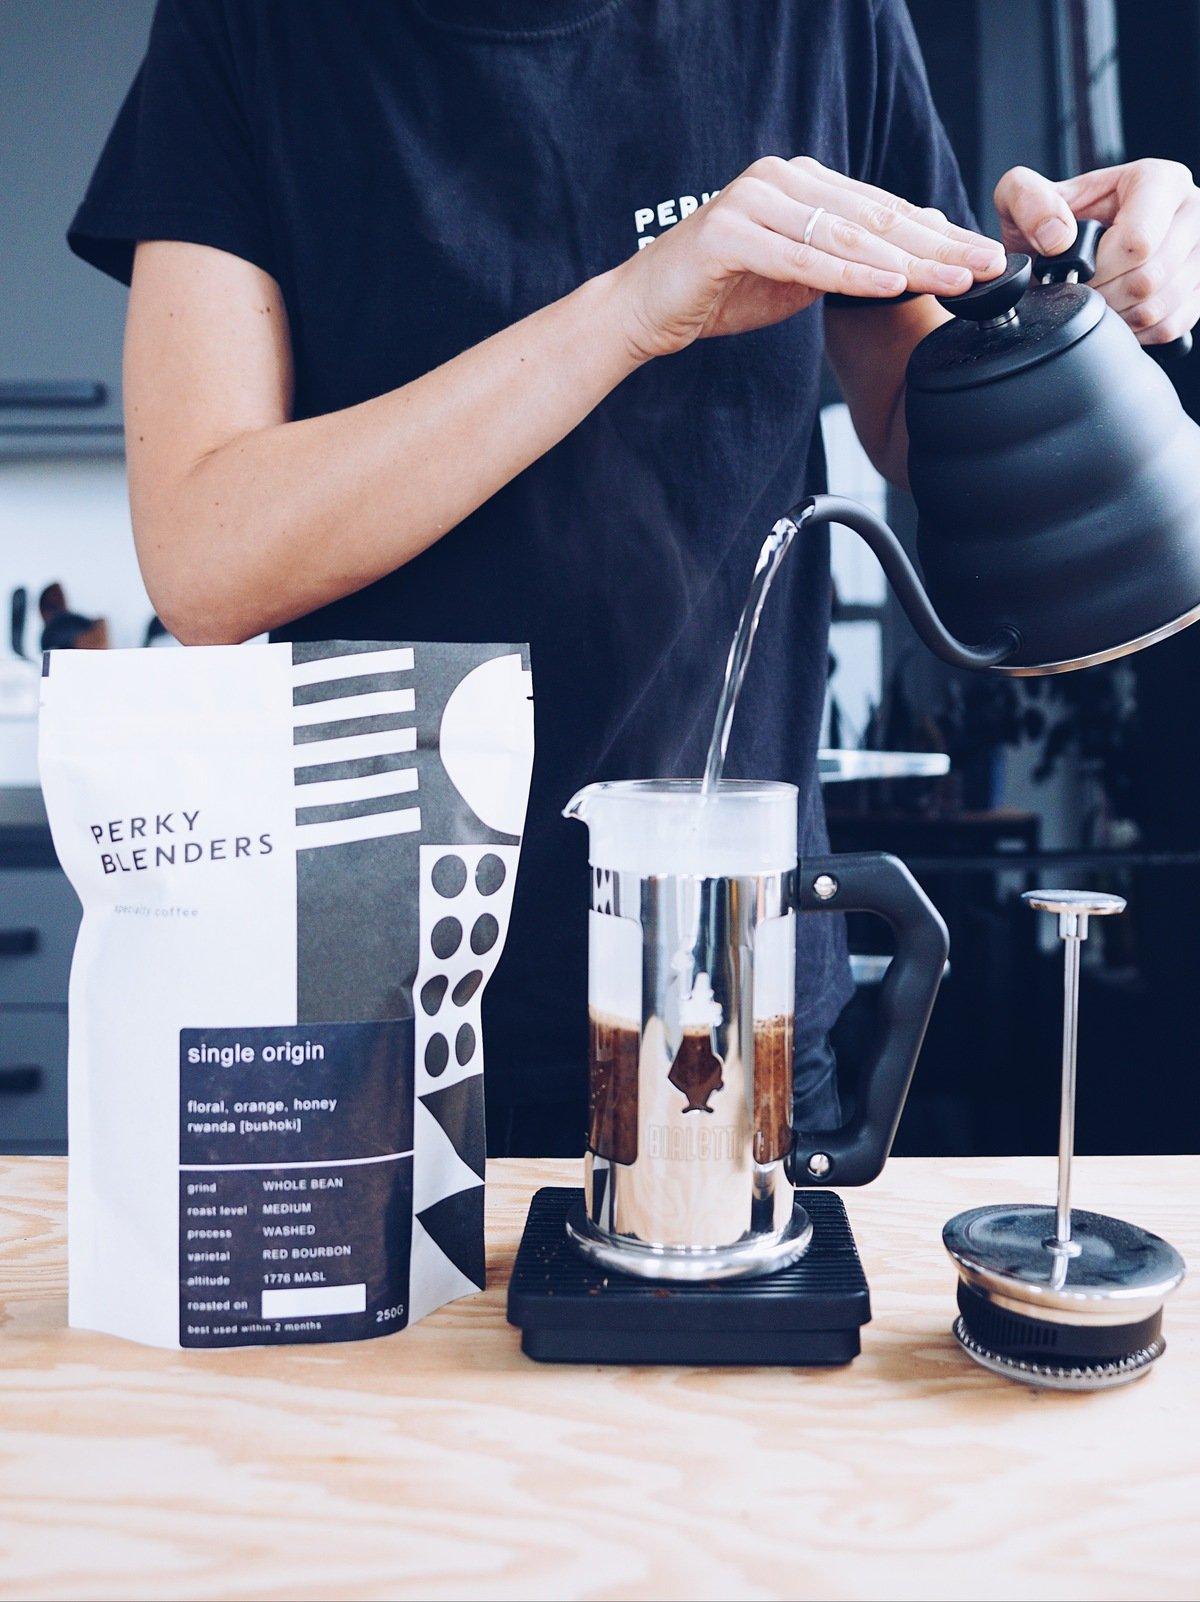 Perky Blenders coffee